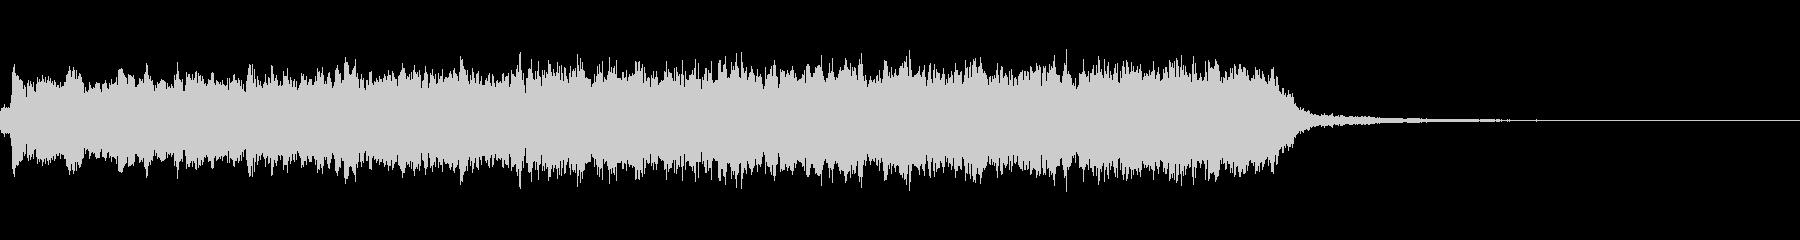 チャージ音A01の未再生の波形